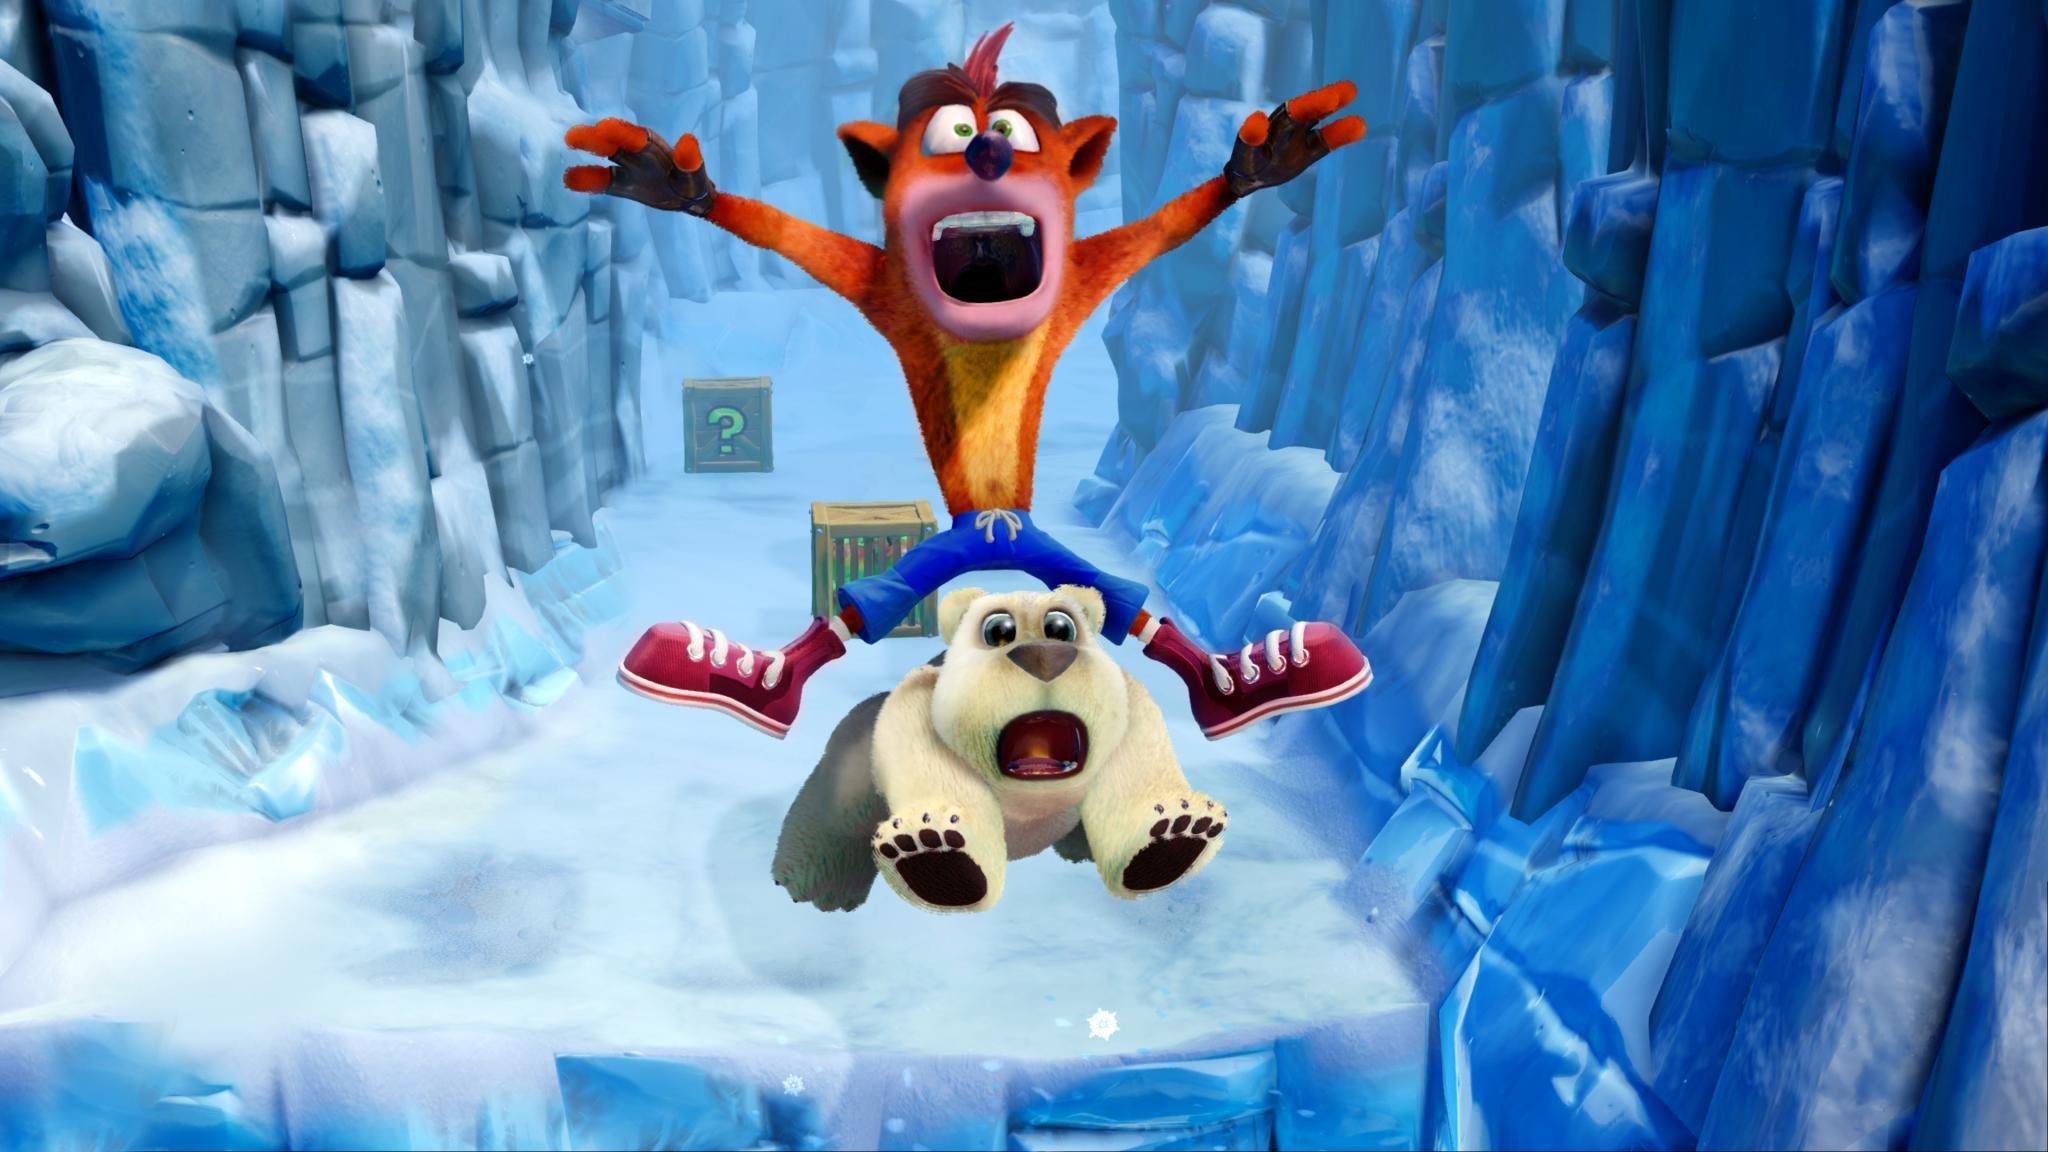 Crash Bandicoot 2 for Xbox One riding a polar bear